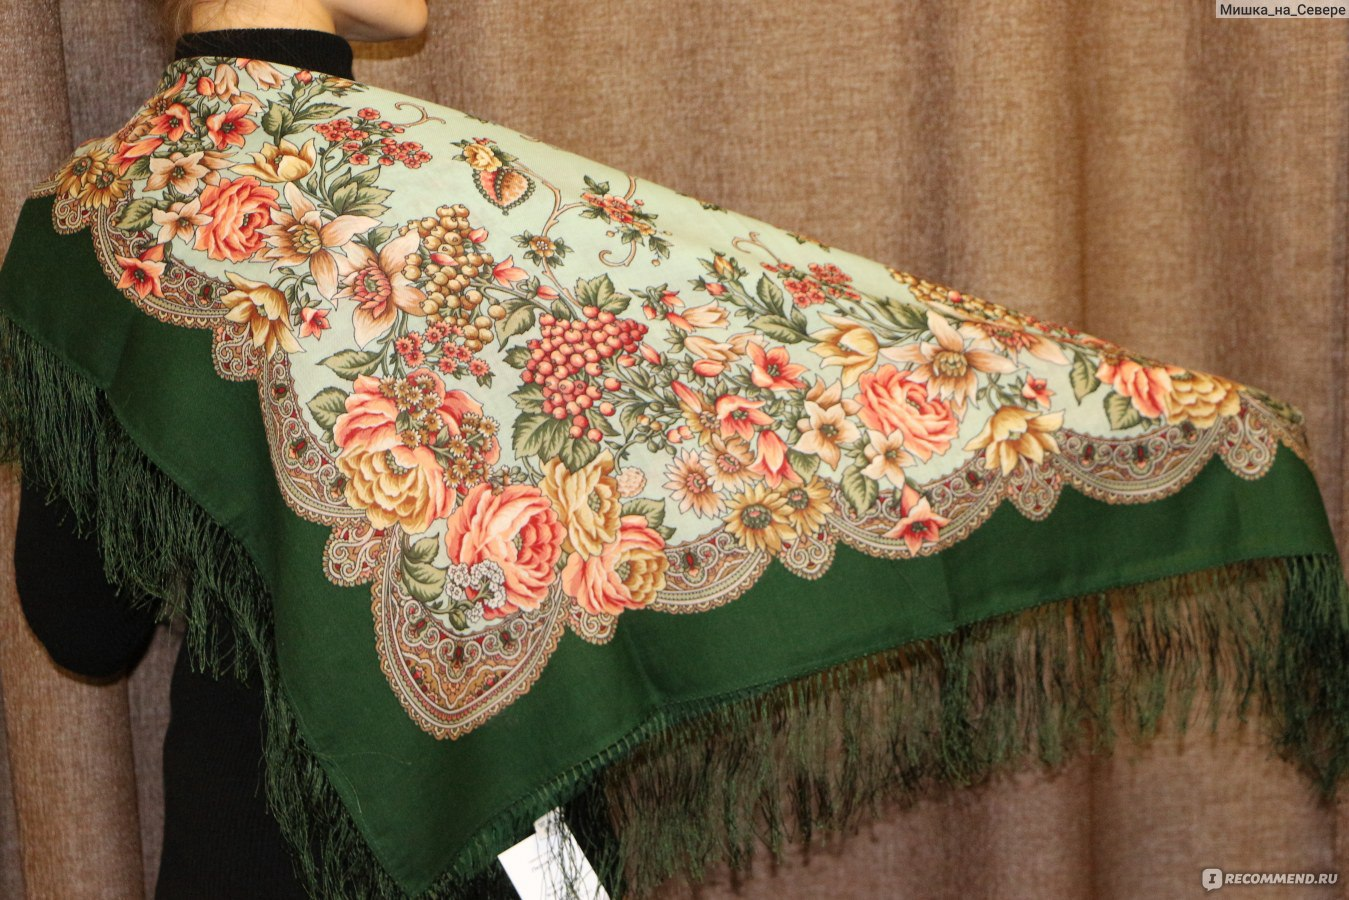 Платок марья-искусница, 89х89см,  платок шерстяной с шелковой бахромой и набивным авторским рисунком песня леля.